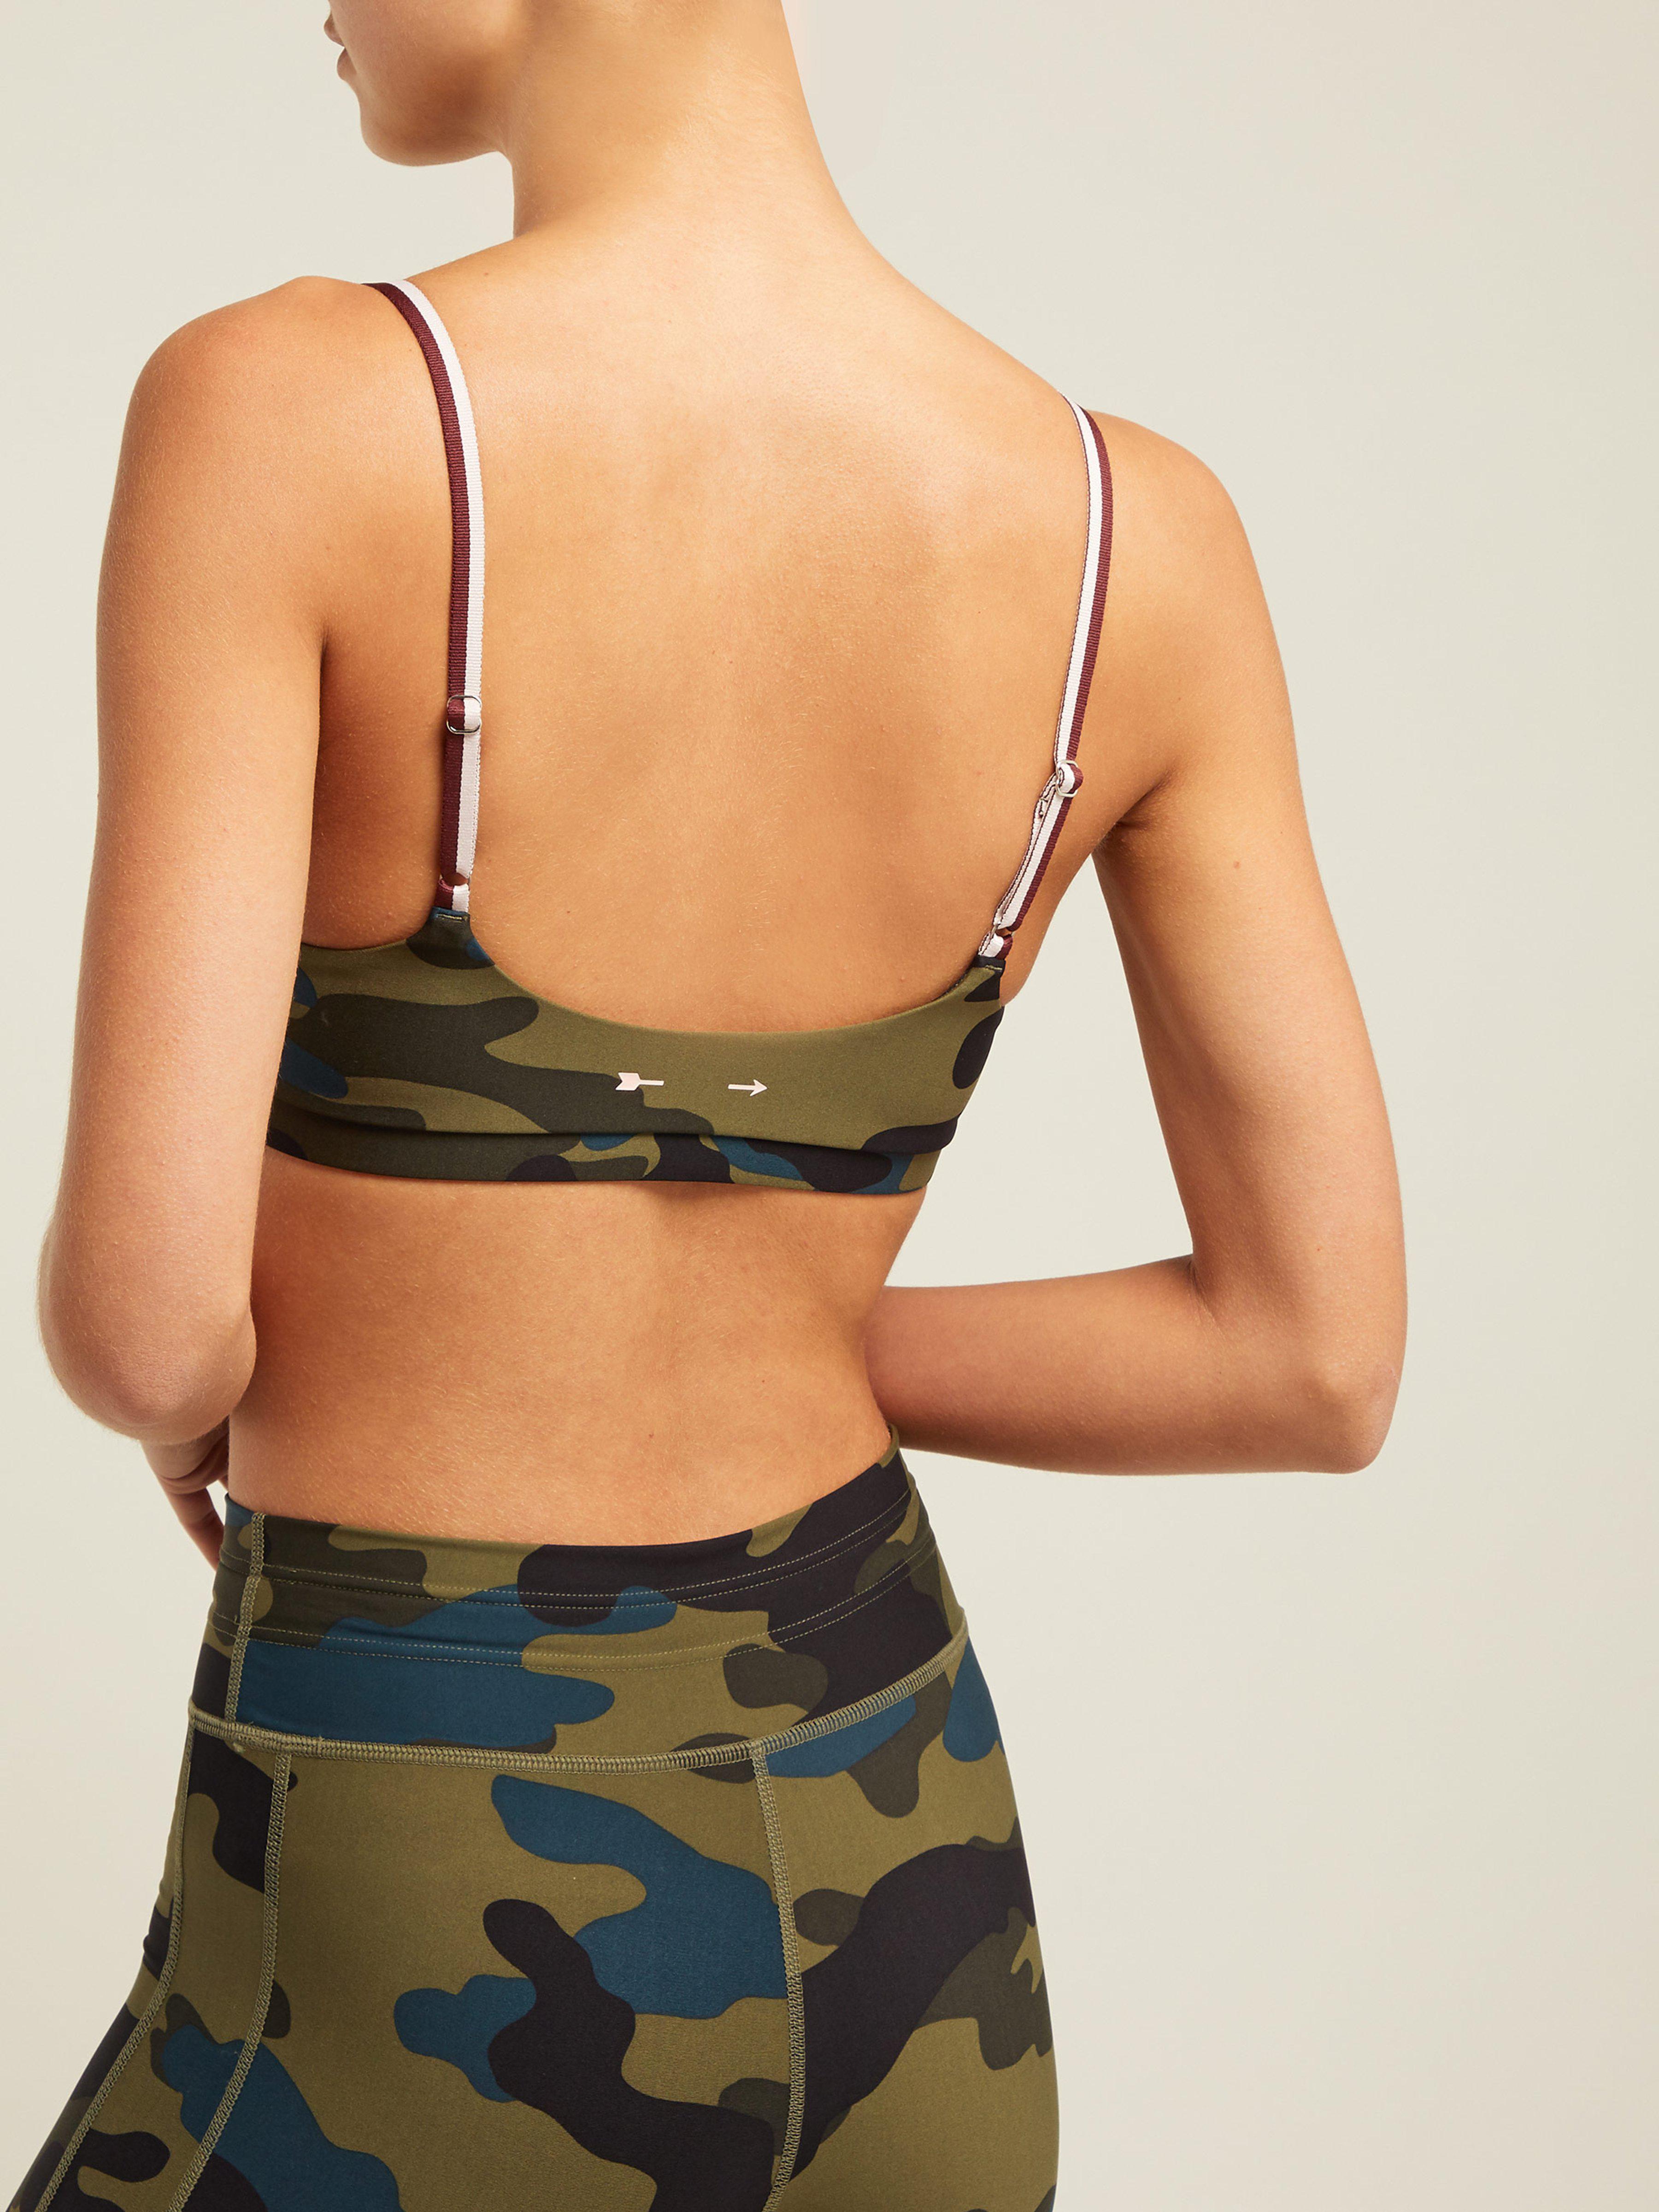 4c32f88e8e The Upside - Multicolor Army Camouflage Print Sports Bra - Lyst. View  fullscreen